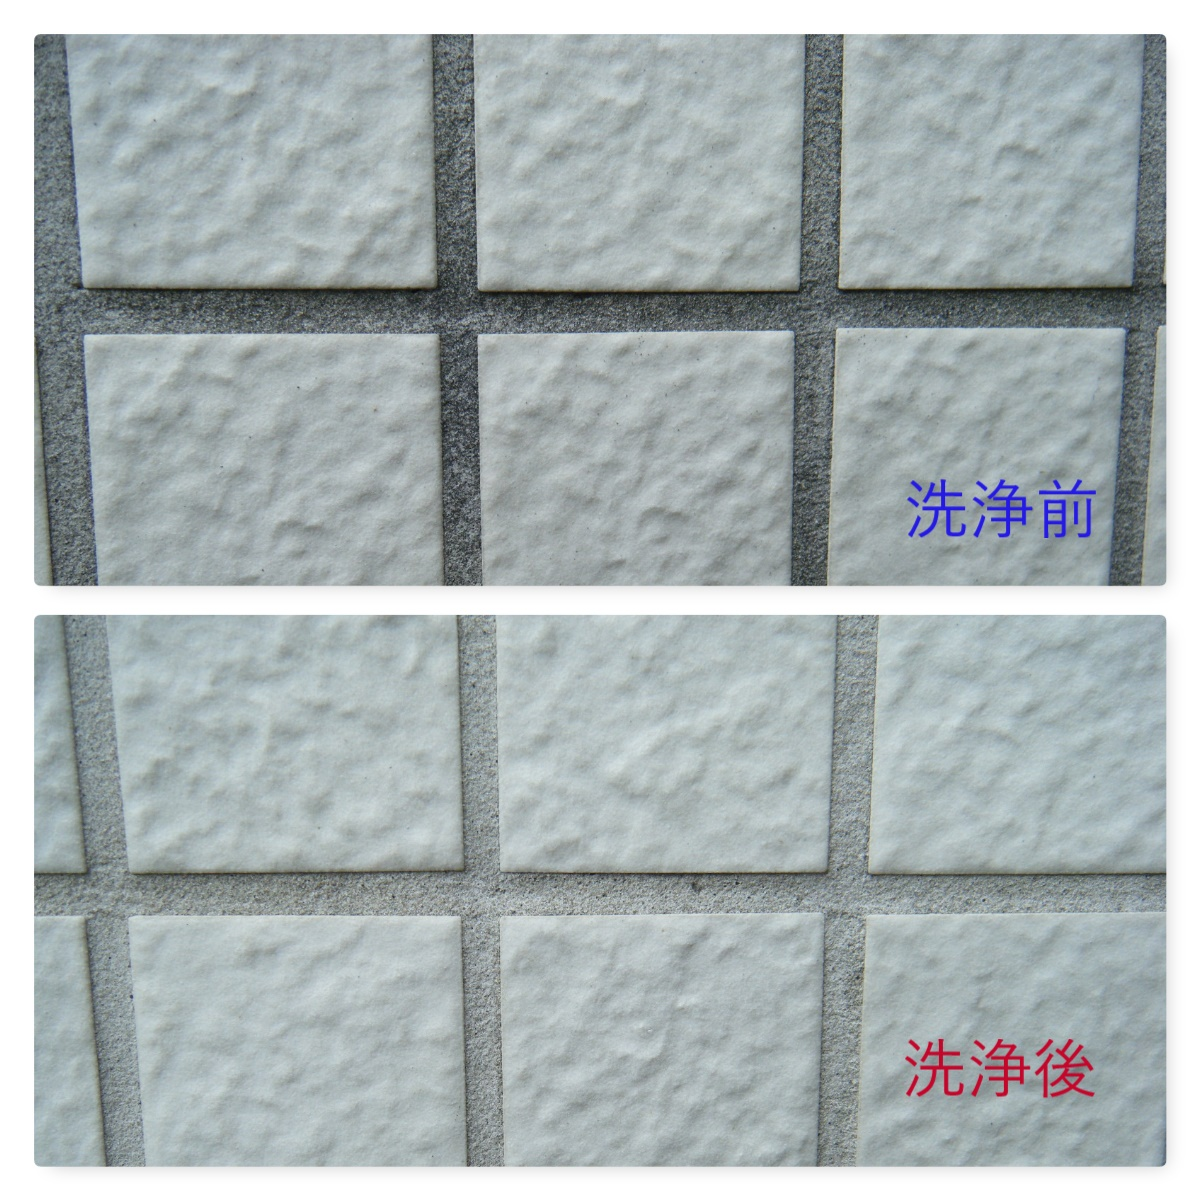 外壁の高圧洗浄&薬品洗浄